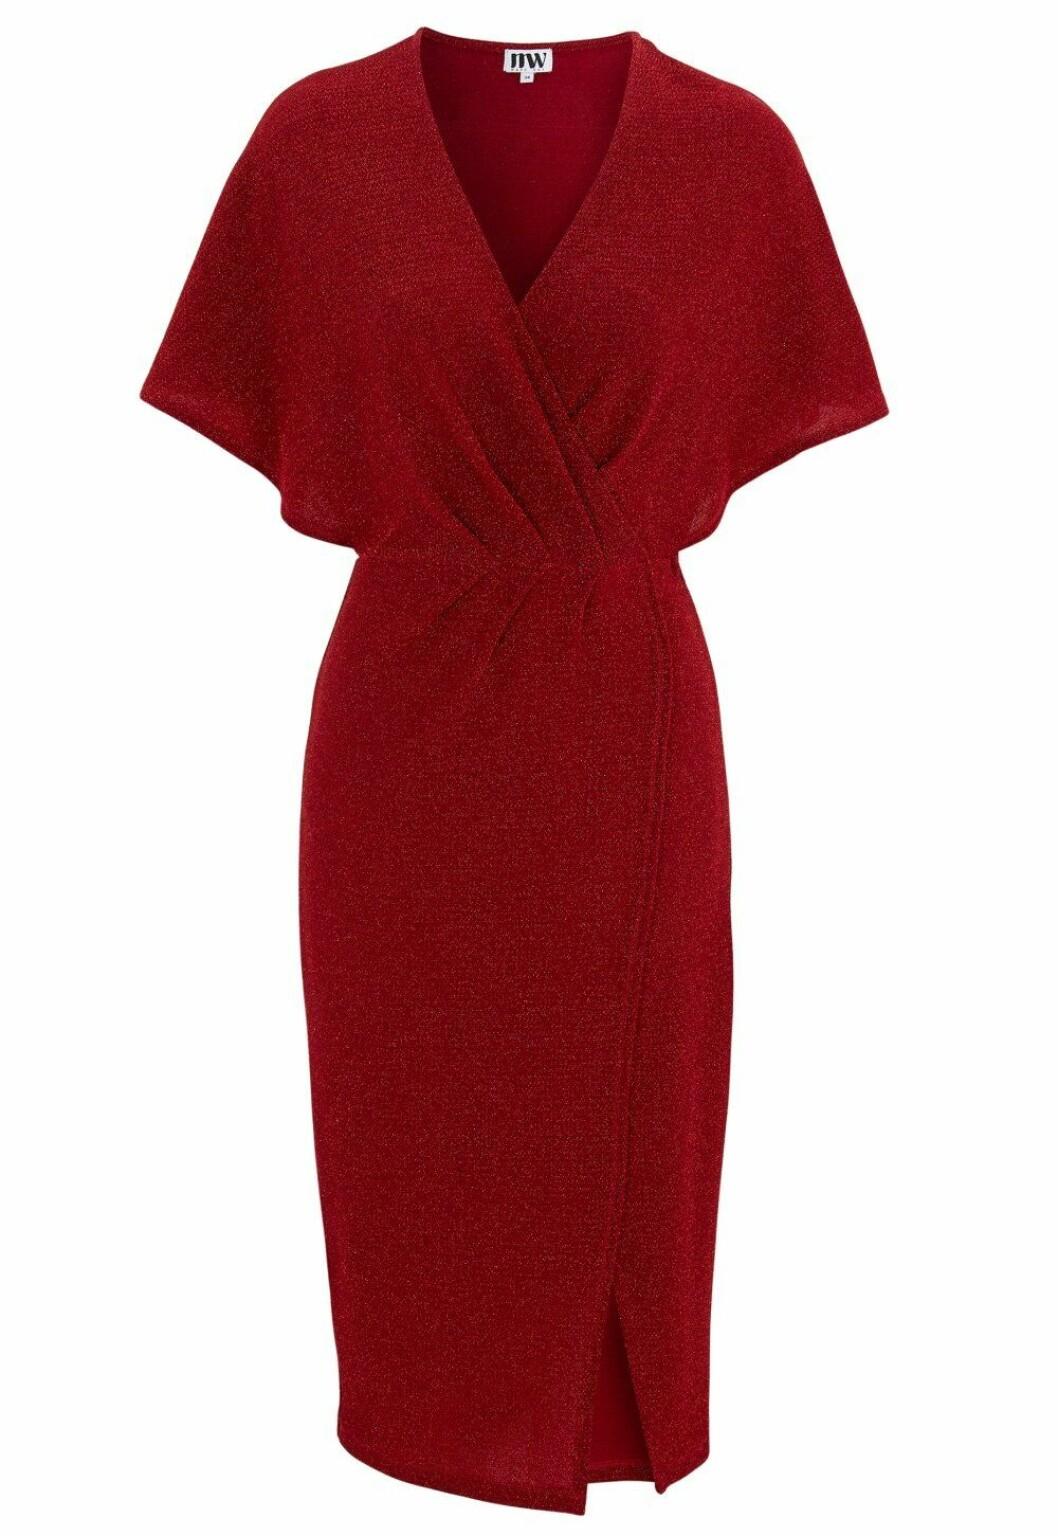 Röd klänning som passar julfesten och julbordet